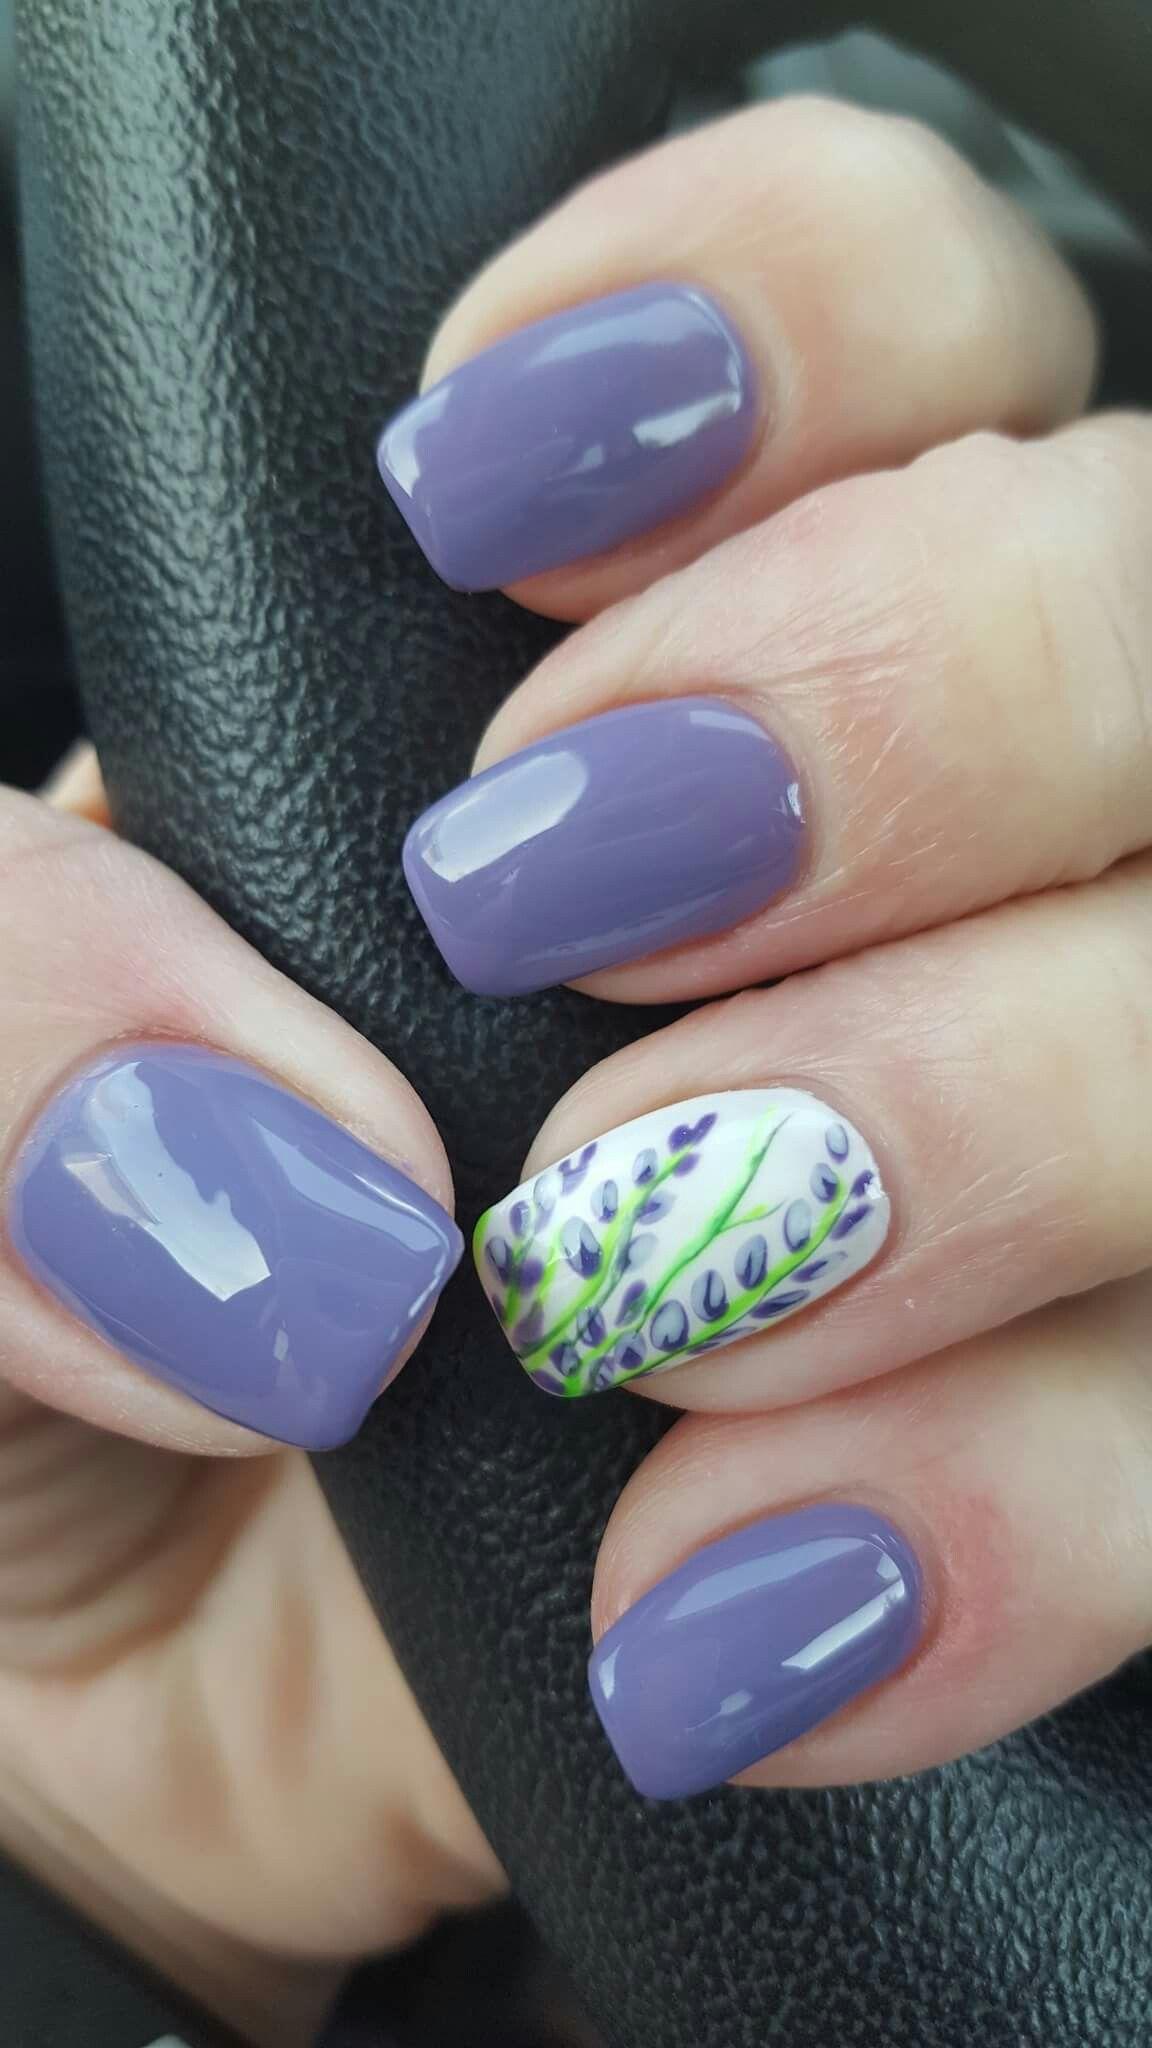 Lilac nails | Nails | Pinterest | Lilac nails, Nail nail and Spring ...